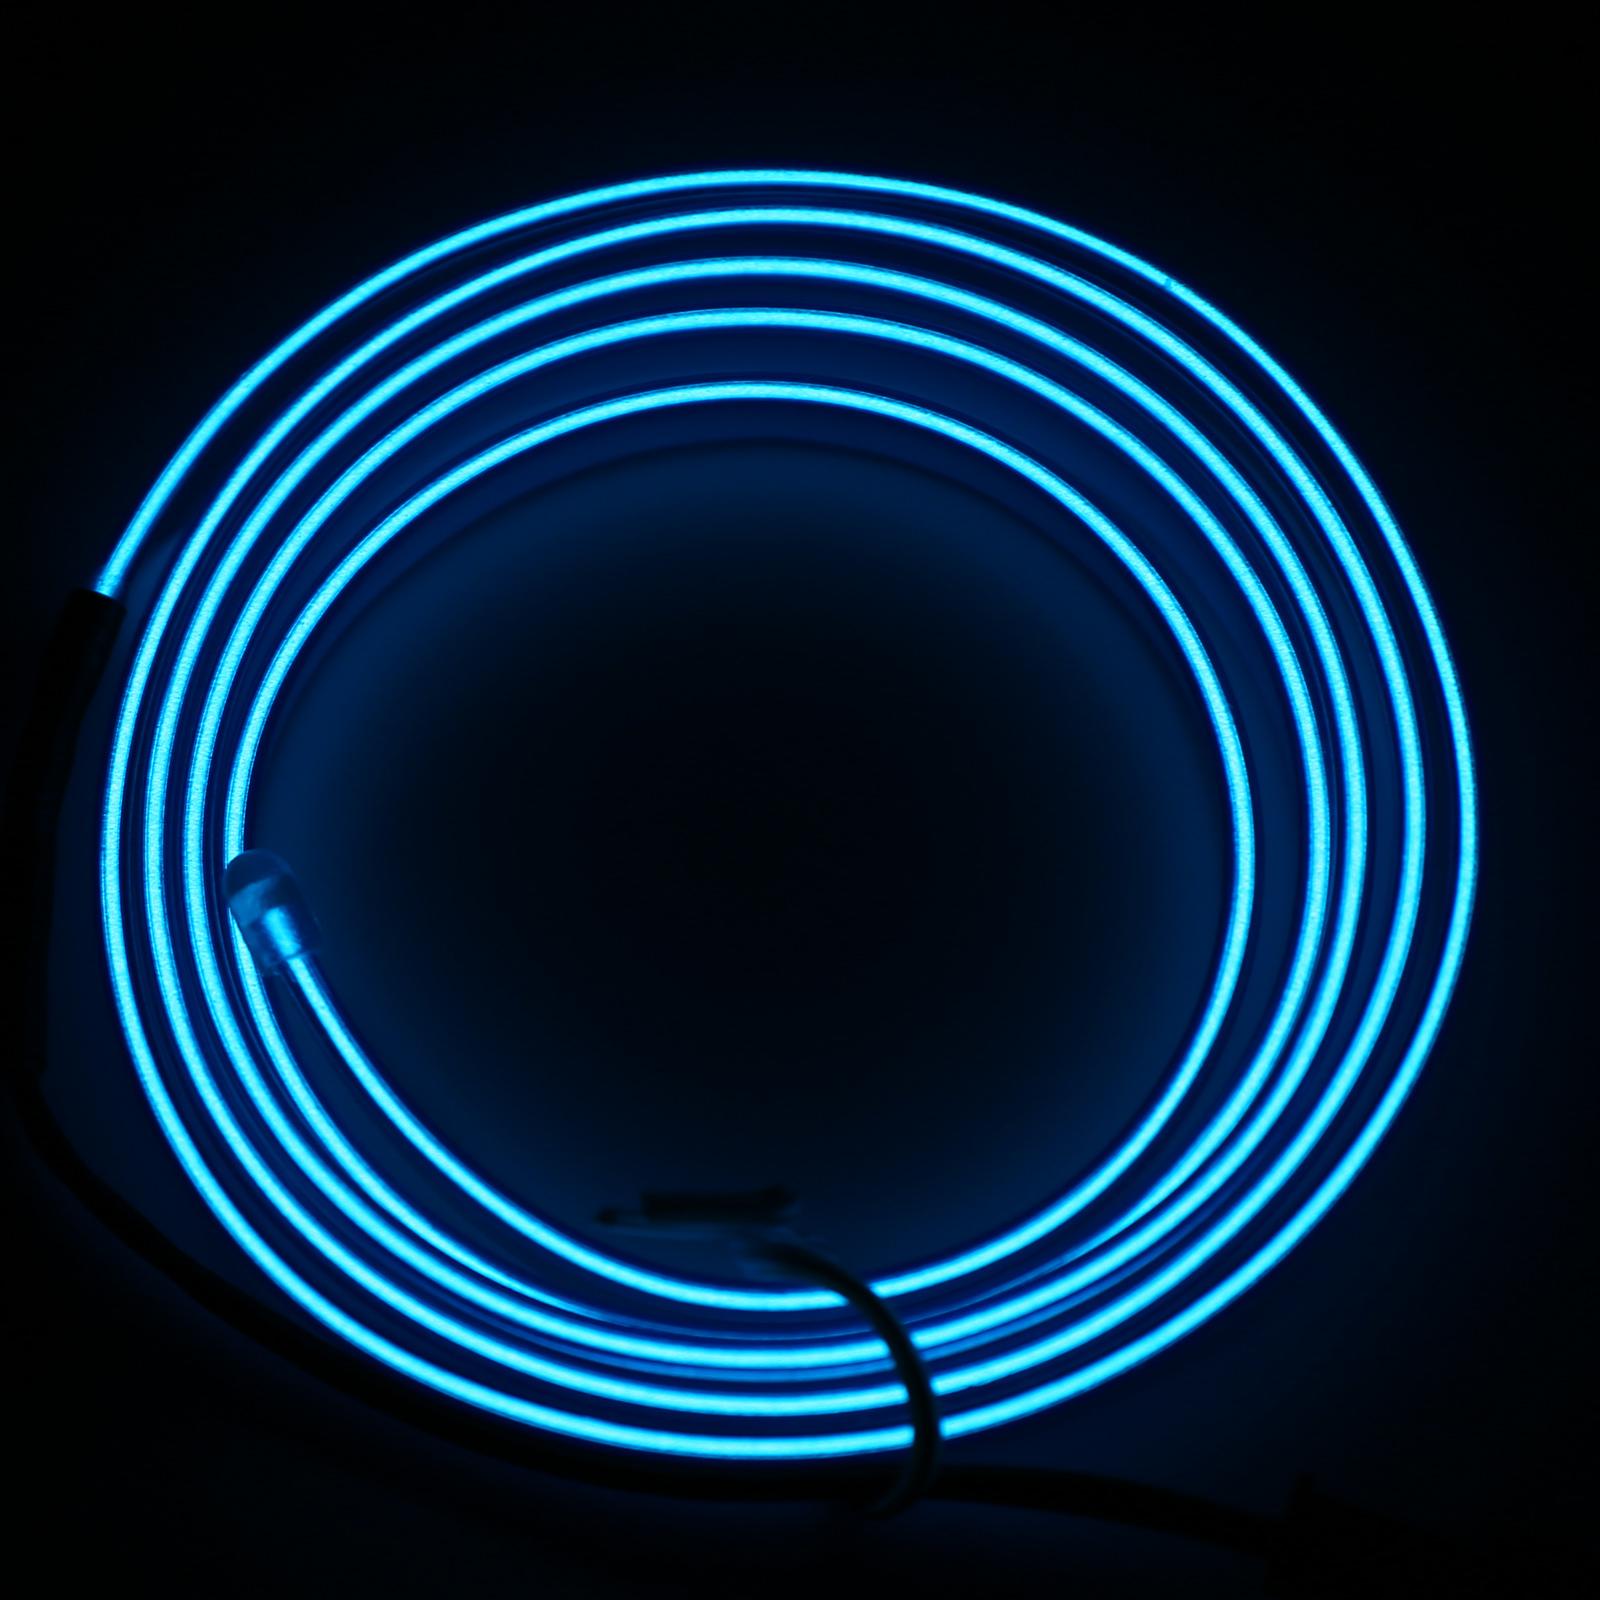 2M Blau EL Neon Kabel Lichtschnur Leuchtschnur Leuchtdraht Wire ...